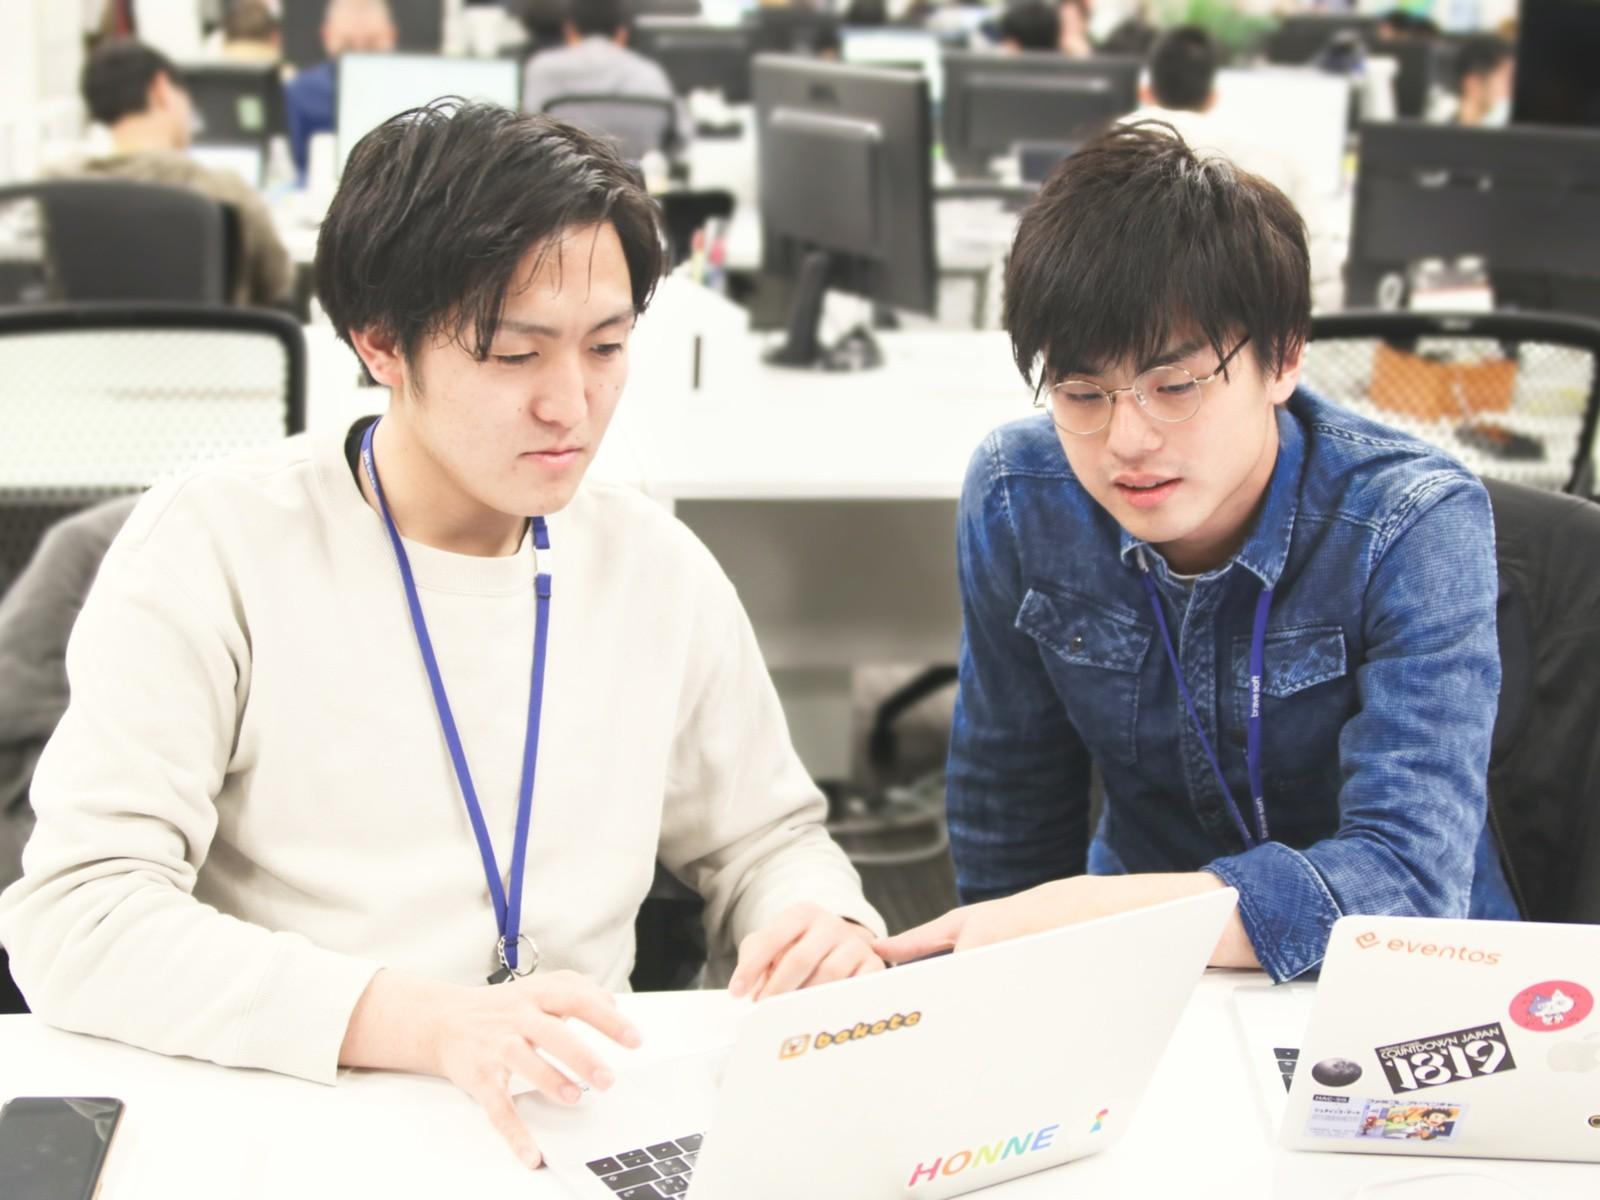 イベント業界で国内有数の実績を誇る「eventos」のiOSアプリエンジニア